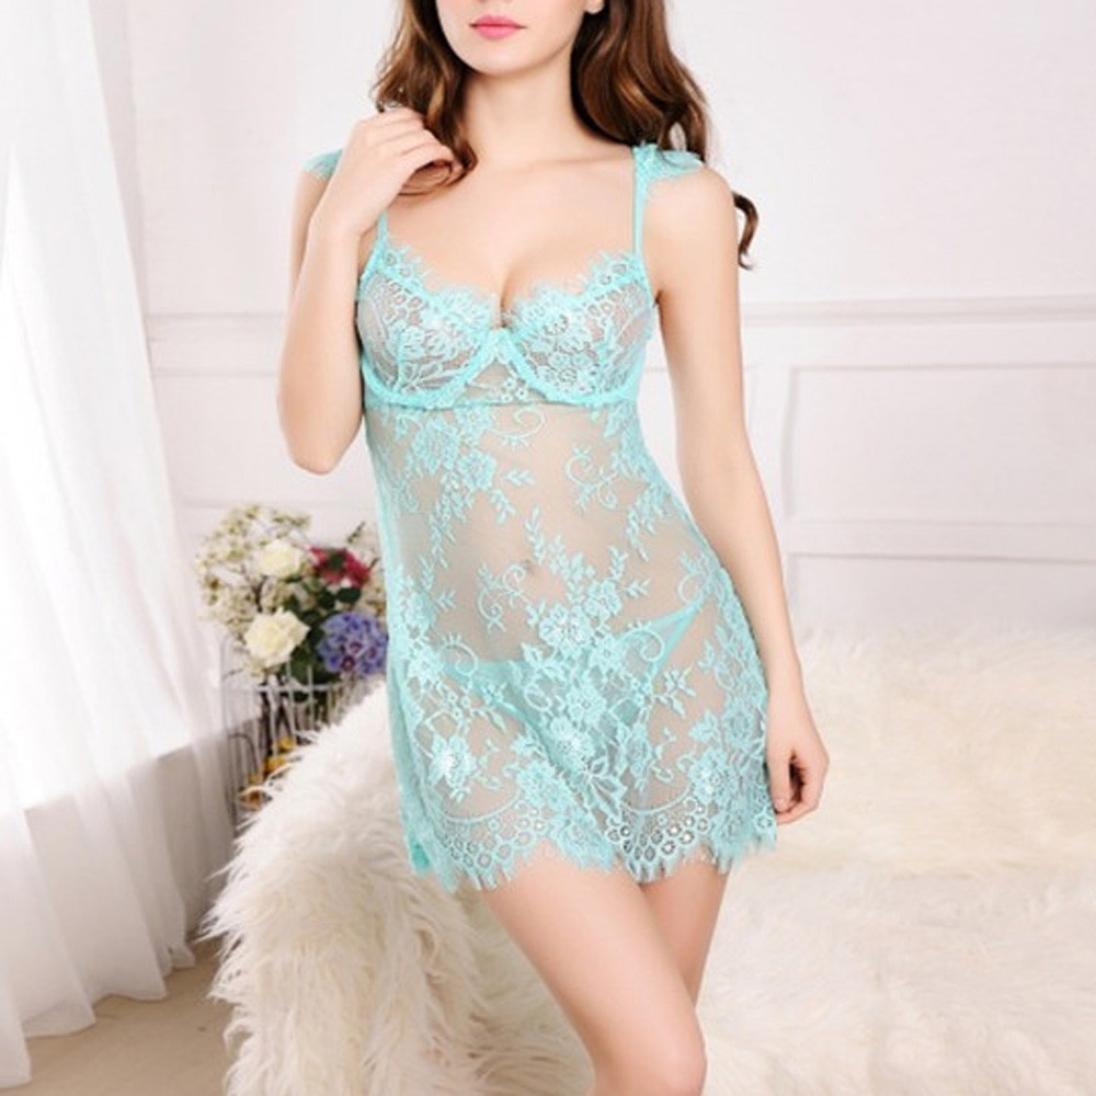 Gaddrt Sexy Mujer Babydoll Ropa de Dormir Pijamas tentación ropa interior sexy lencería, azul claro, Small: Amazon.es: Deportes y aire libre